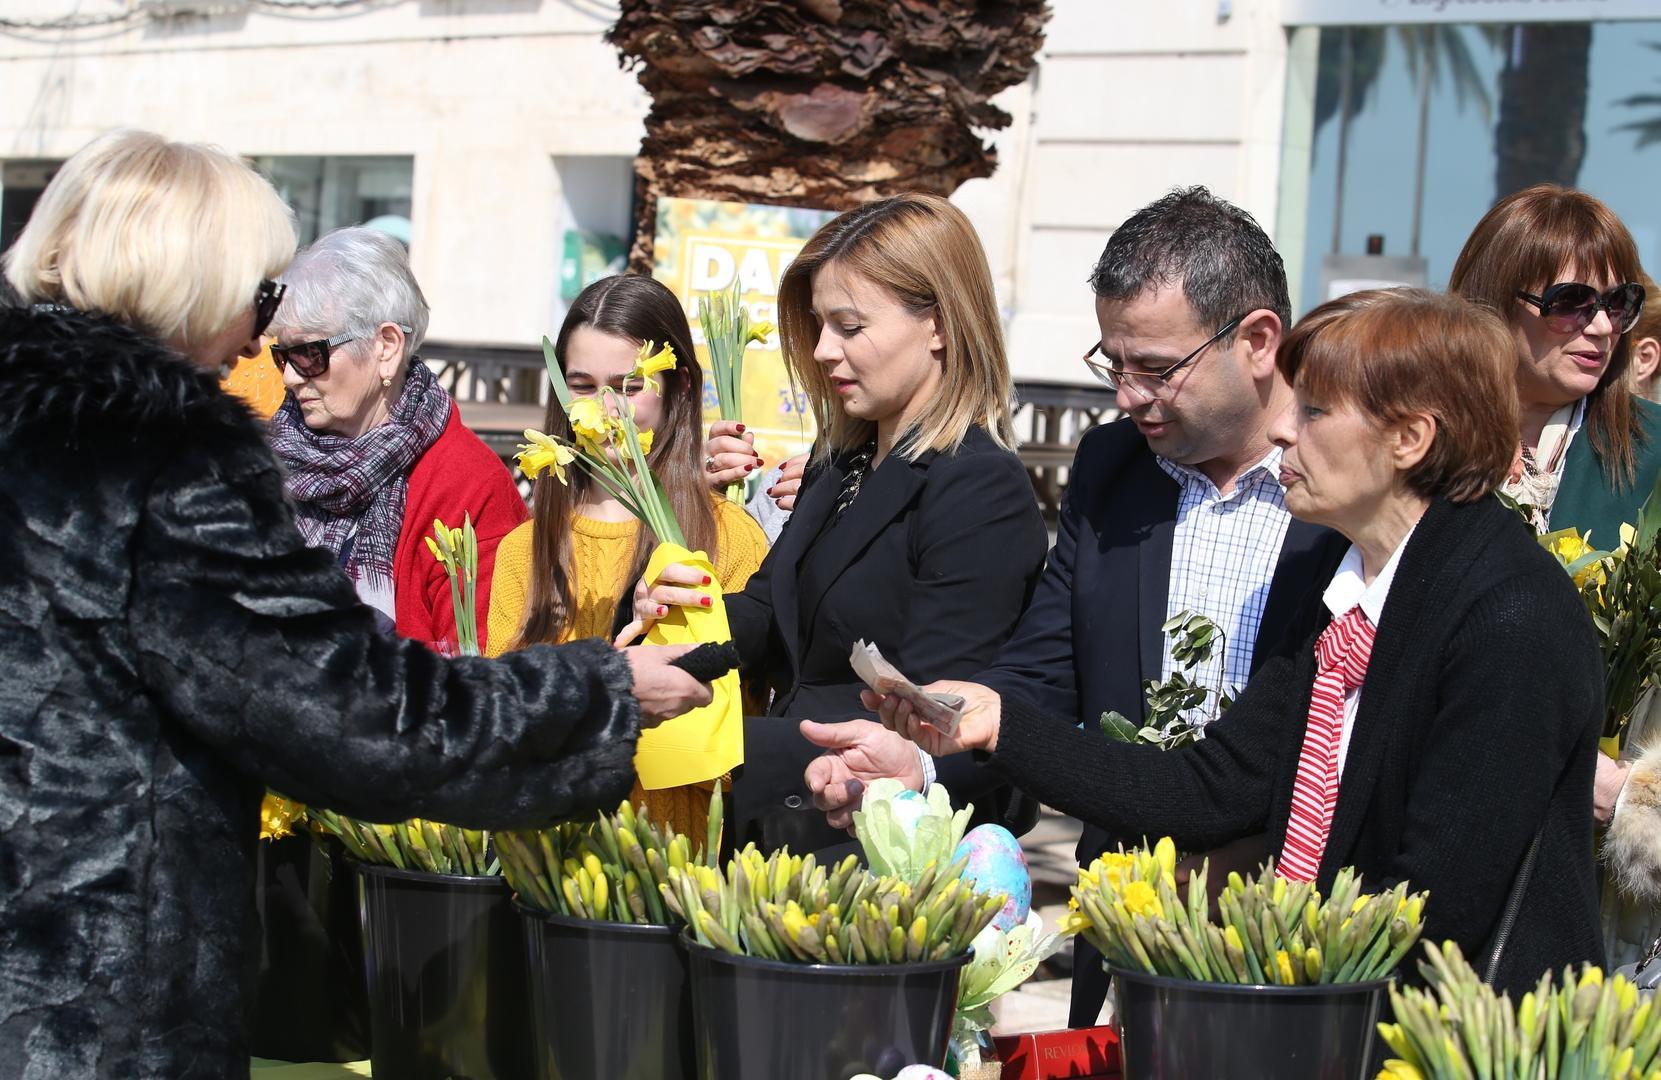 Obilježen Dan narcisa u Zagrebu